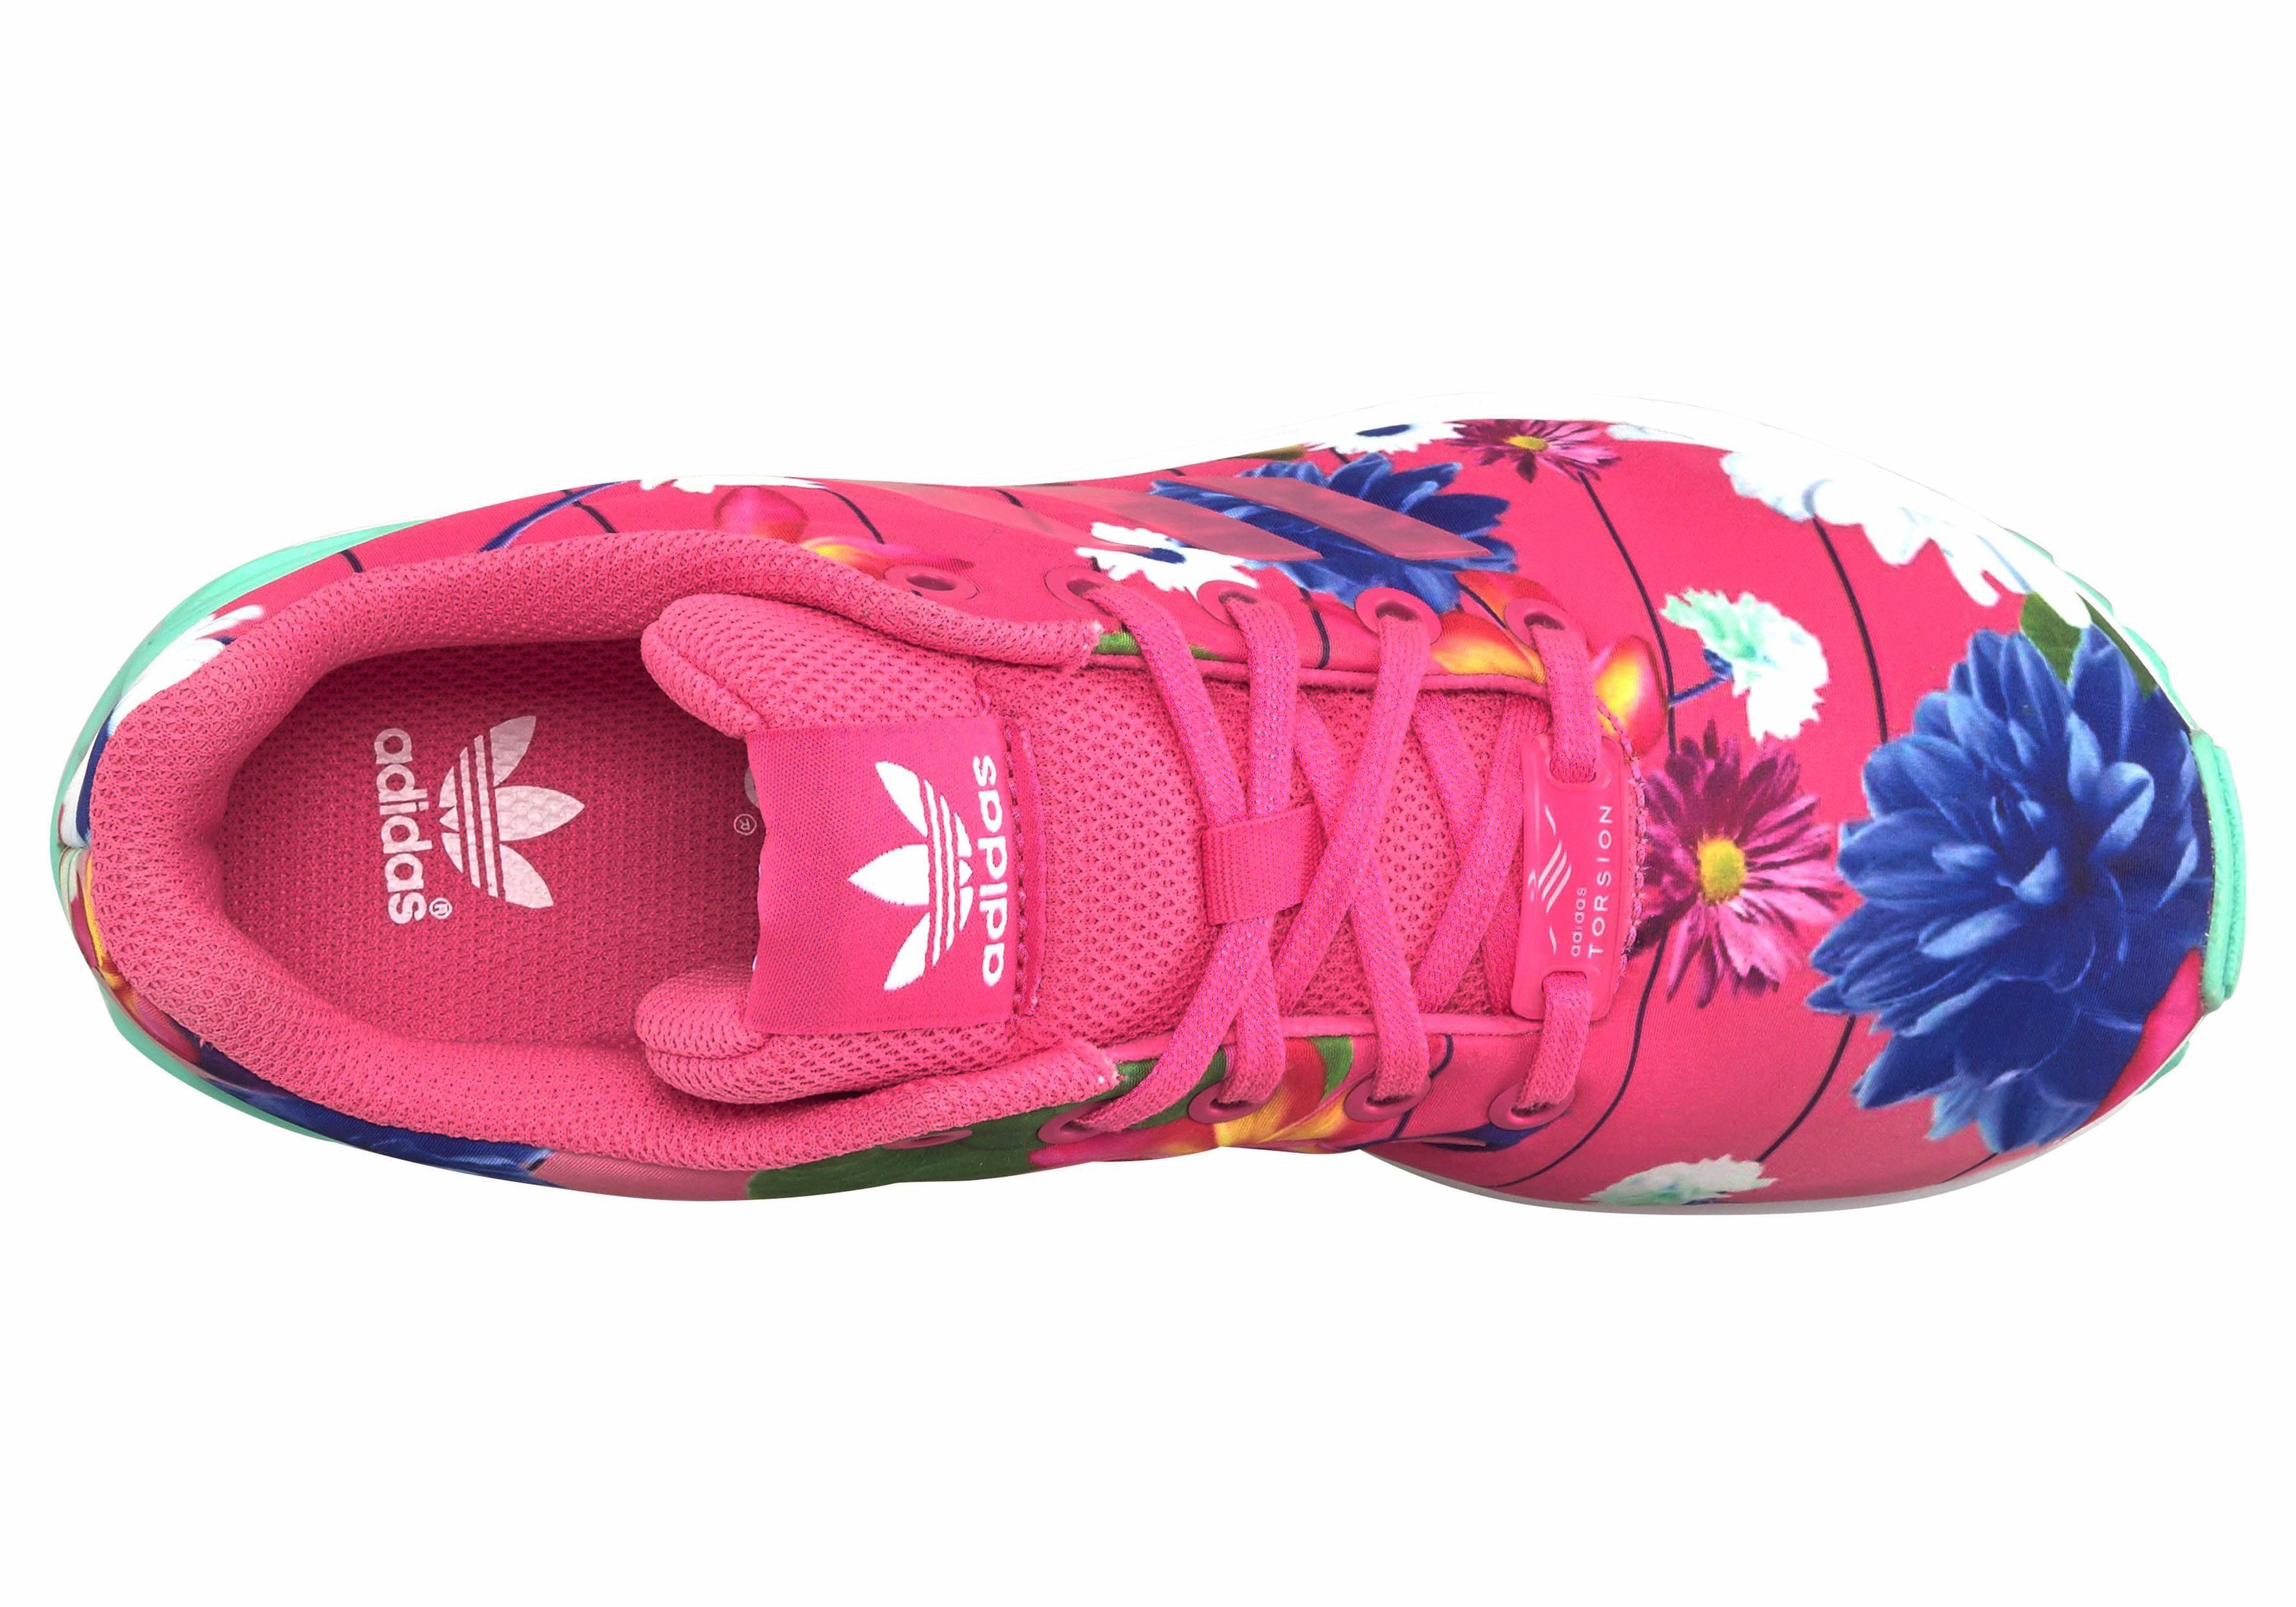 adidas zx flux roze zwart